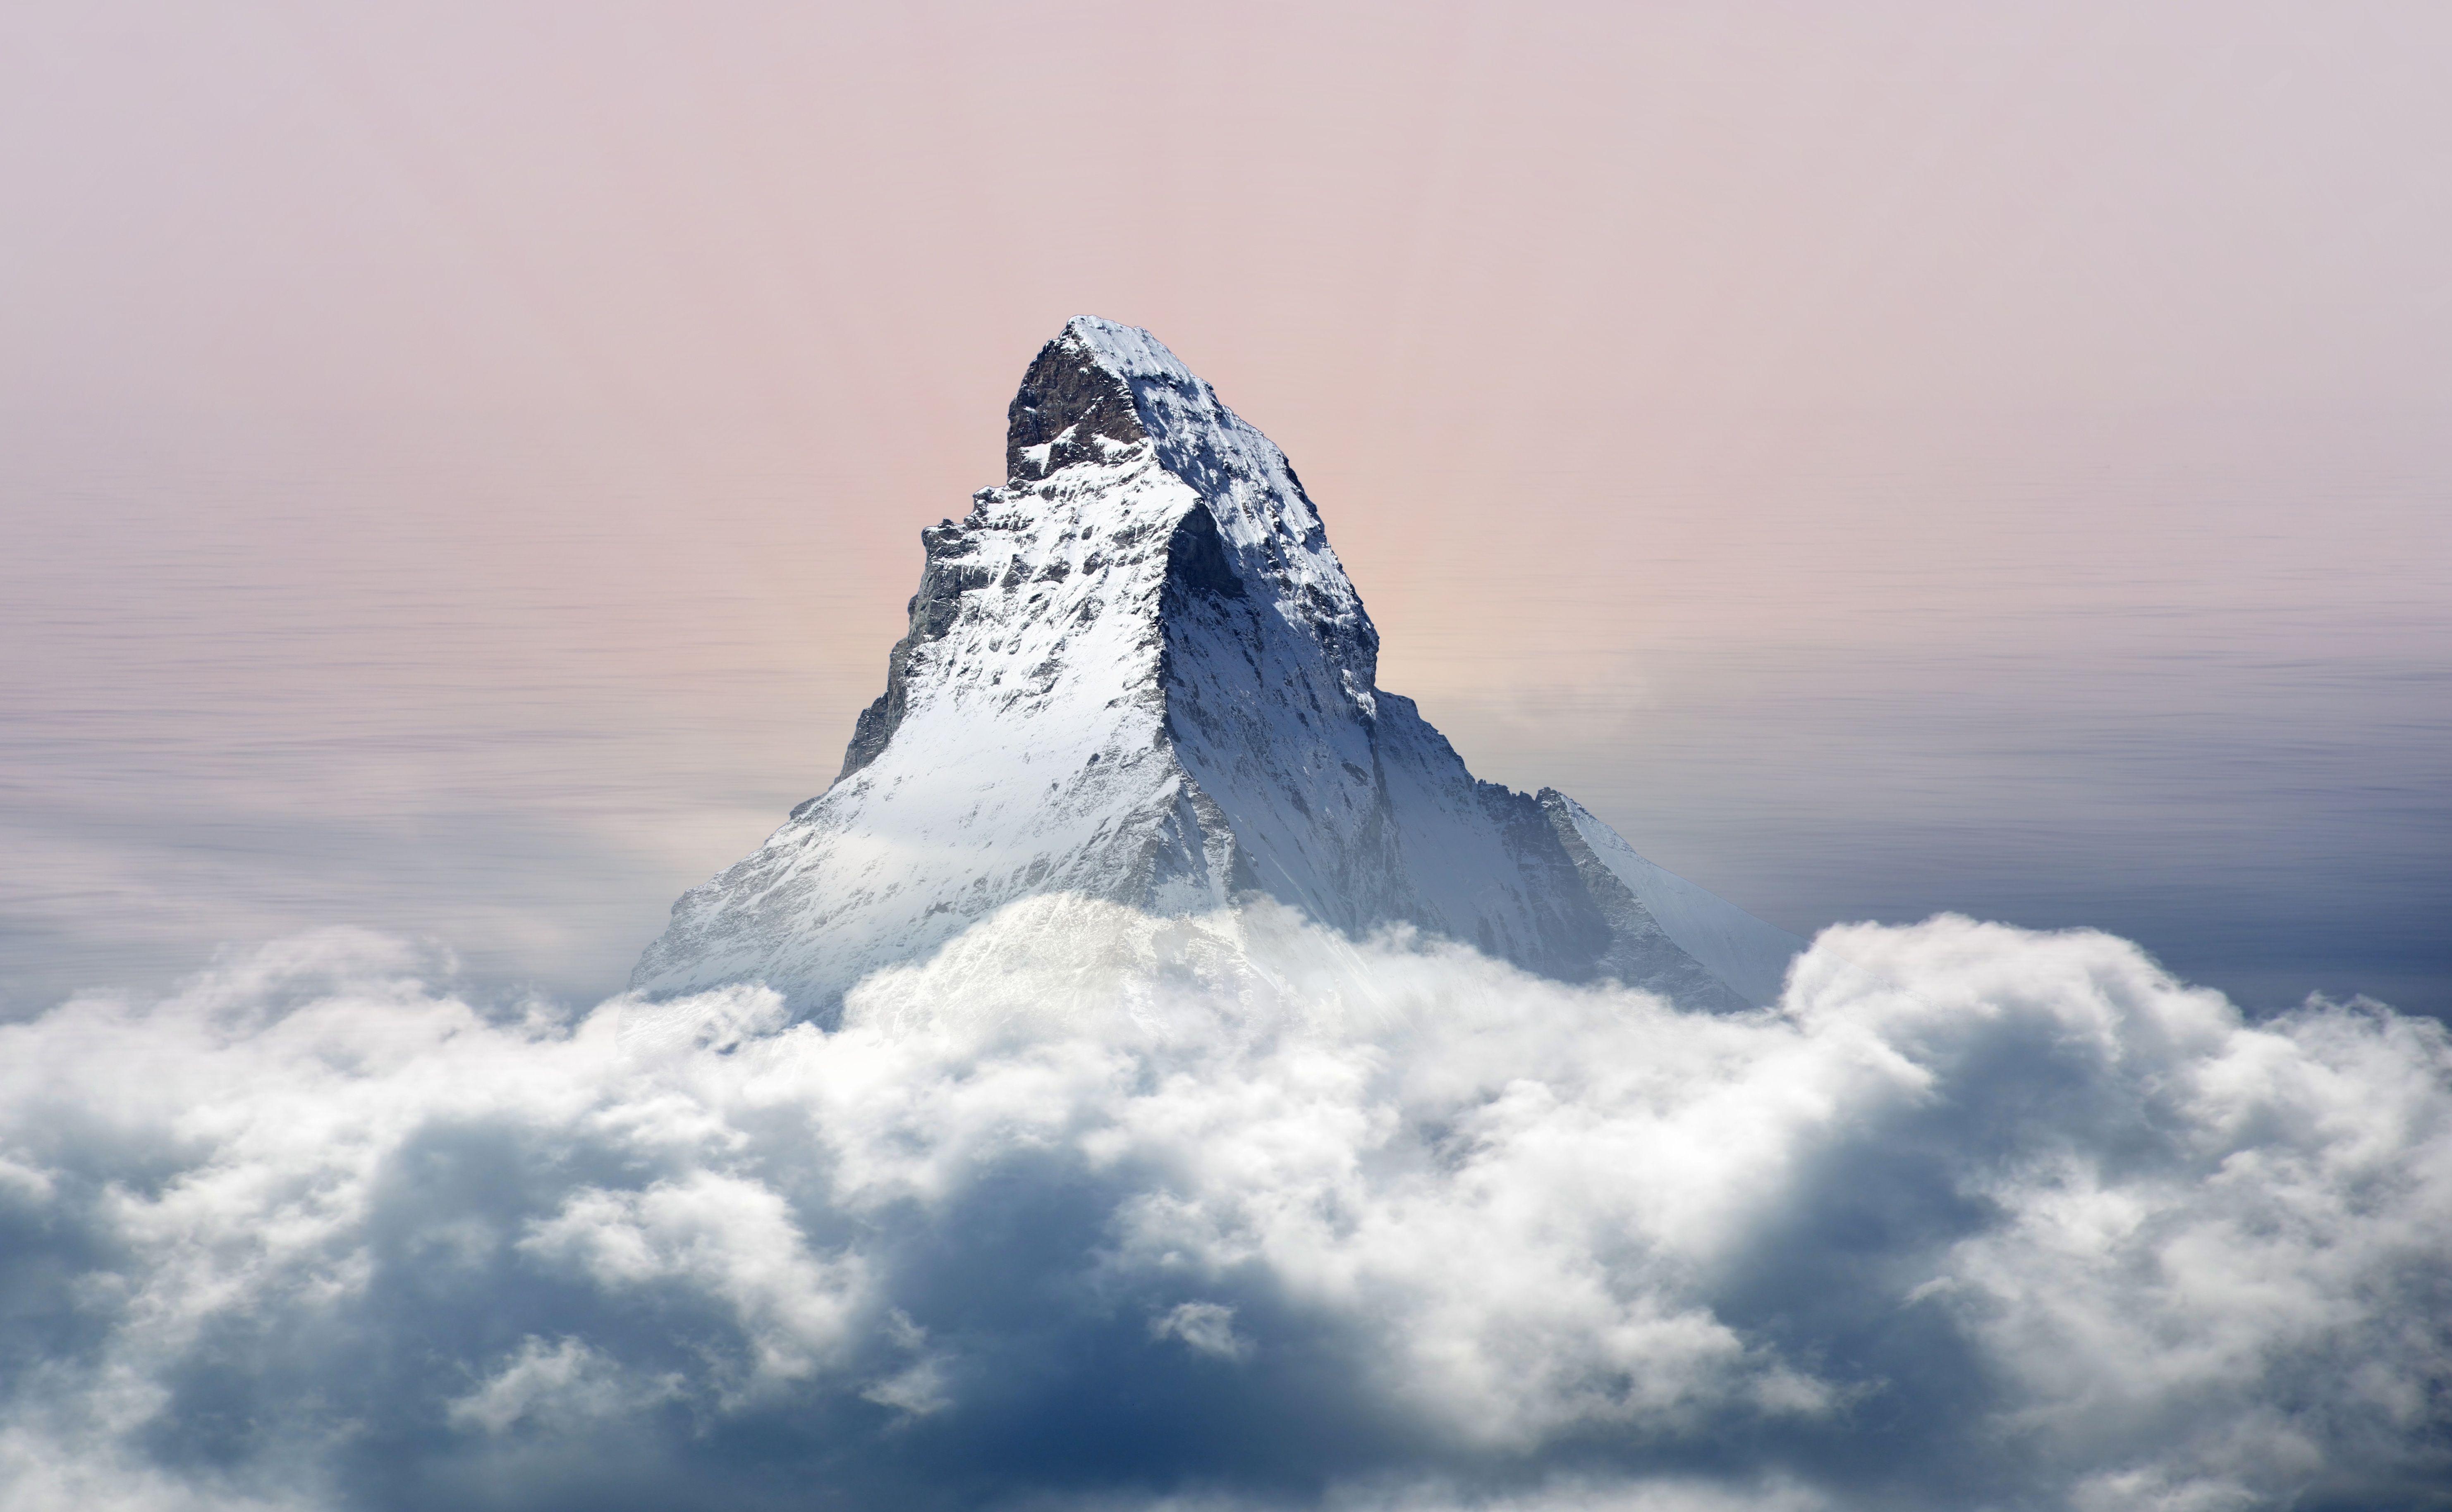 картинка выше облаков в горах паразит